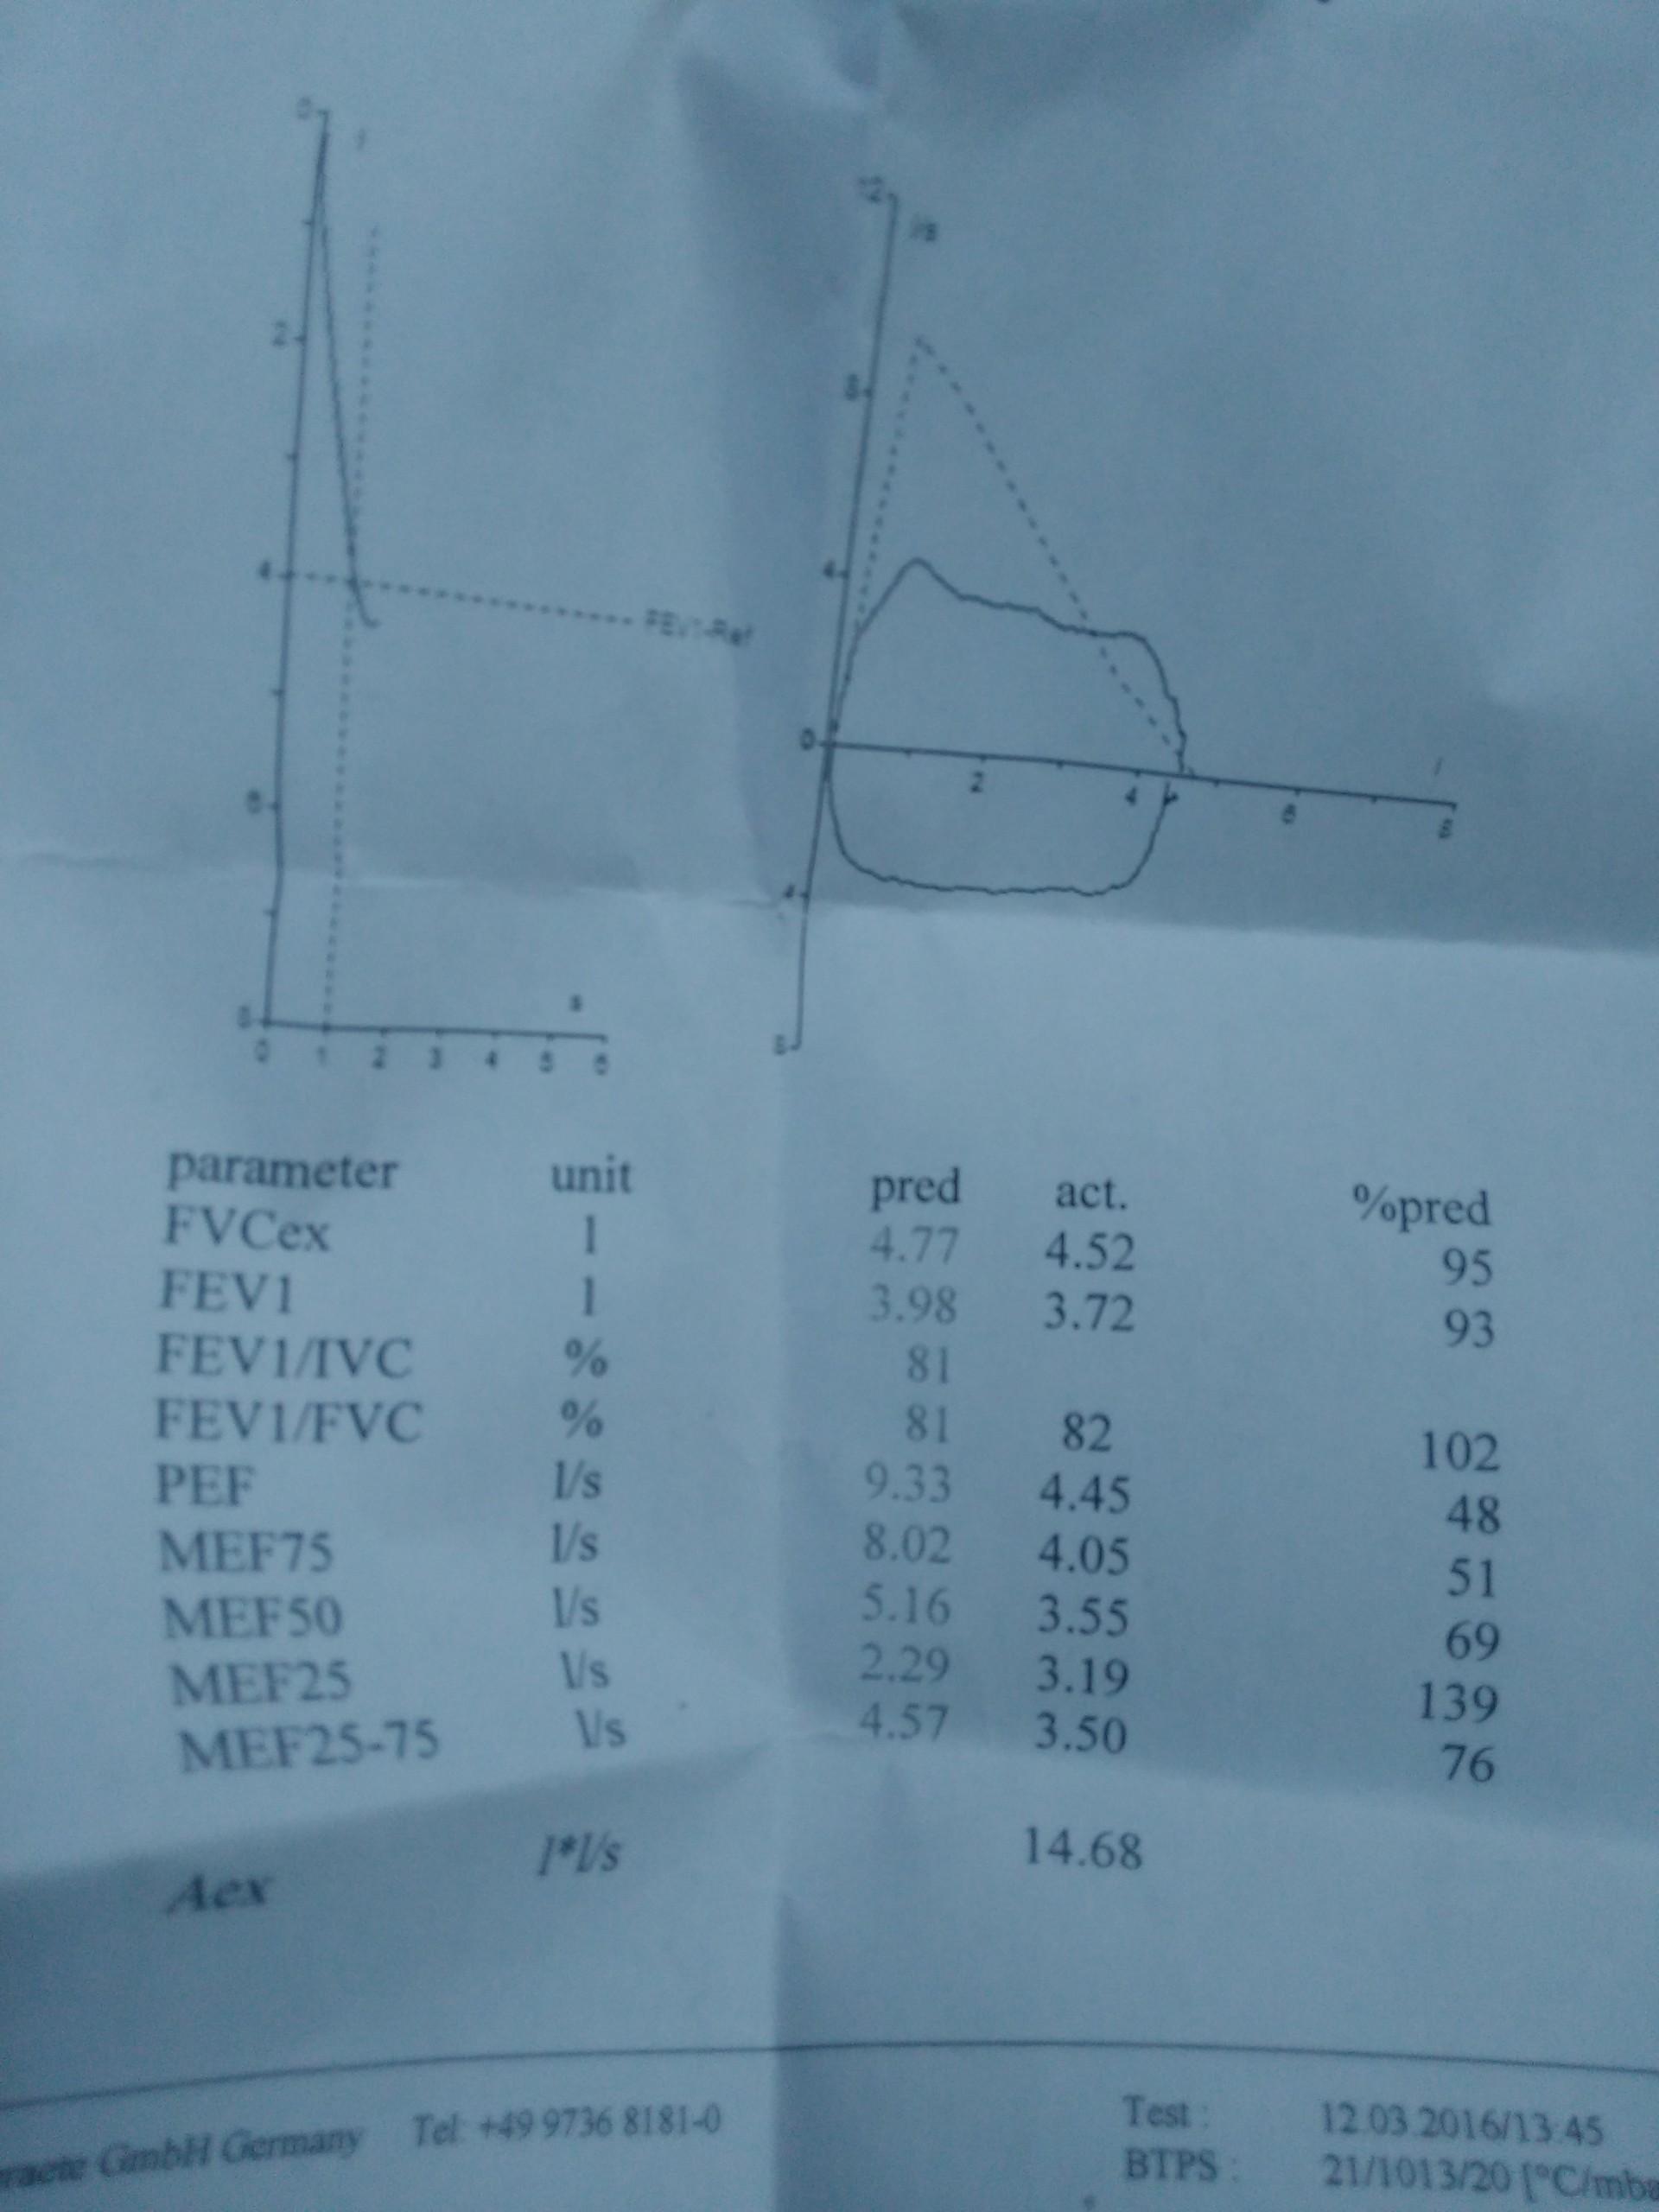 v575ZA - SFT sonucuma göre yüzde kaç oran alabilirim?